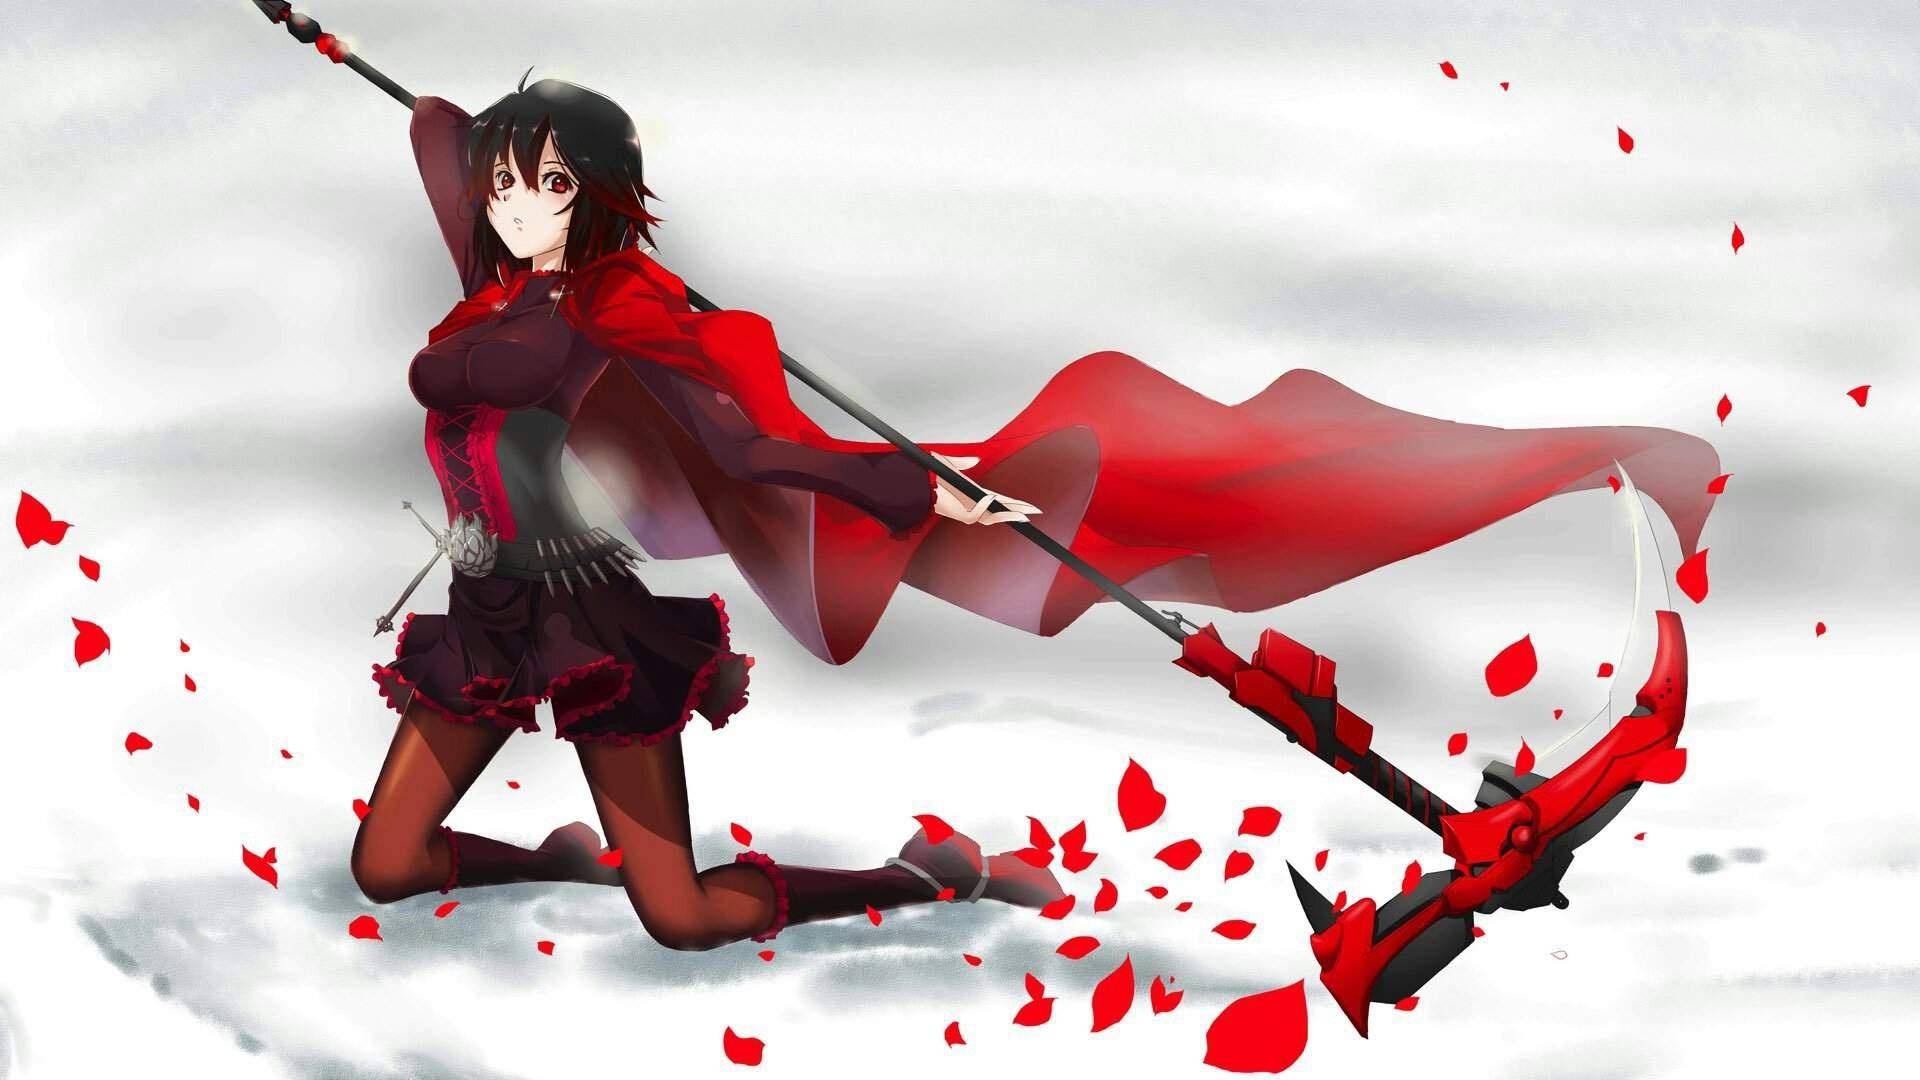 Red Anime Girl Wallpaper